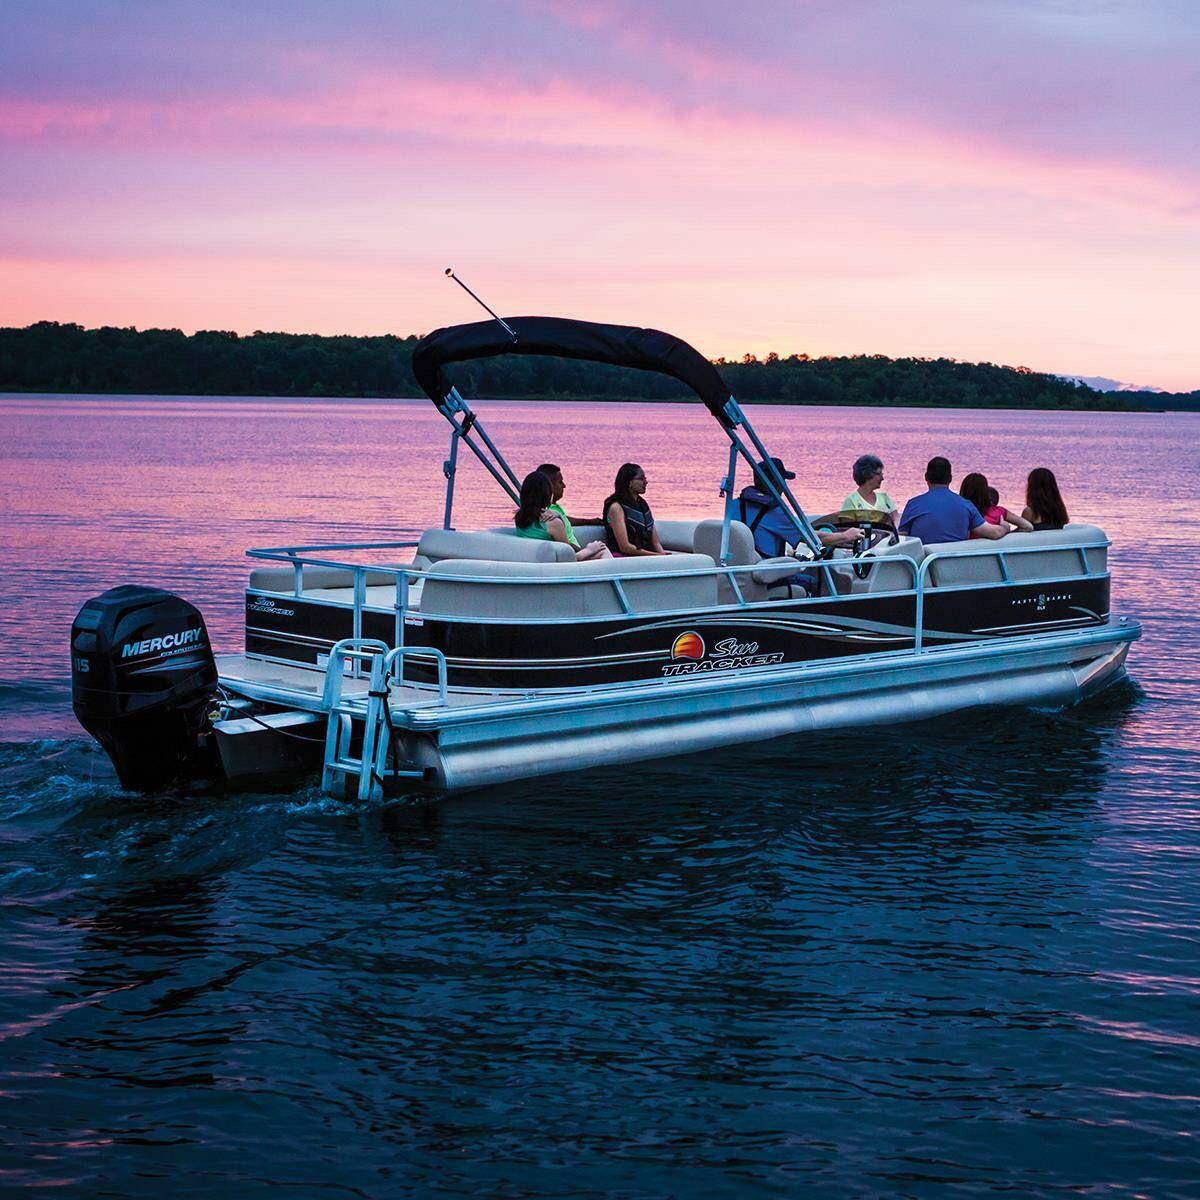 boat pontoon moreboats for ca xl com boats sale bentley perris new